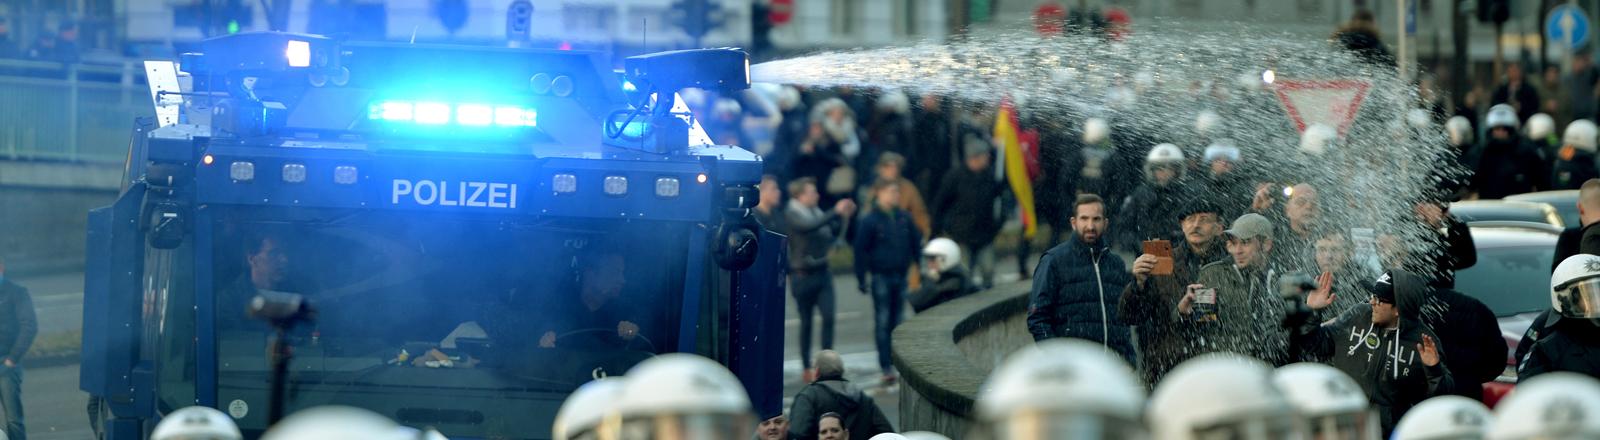 Demo von Pegida und Pro NRW am 9.1.2016 in Köln.